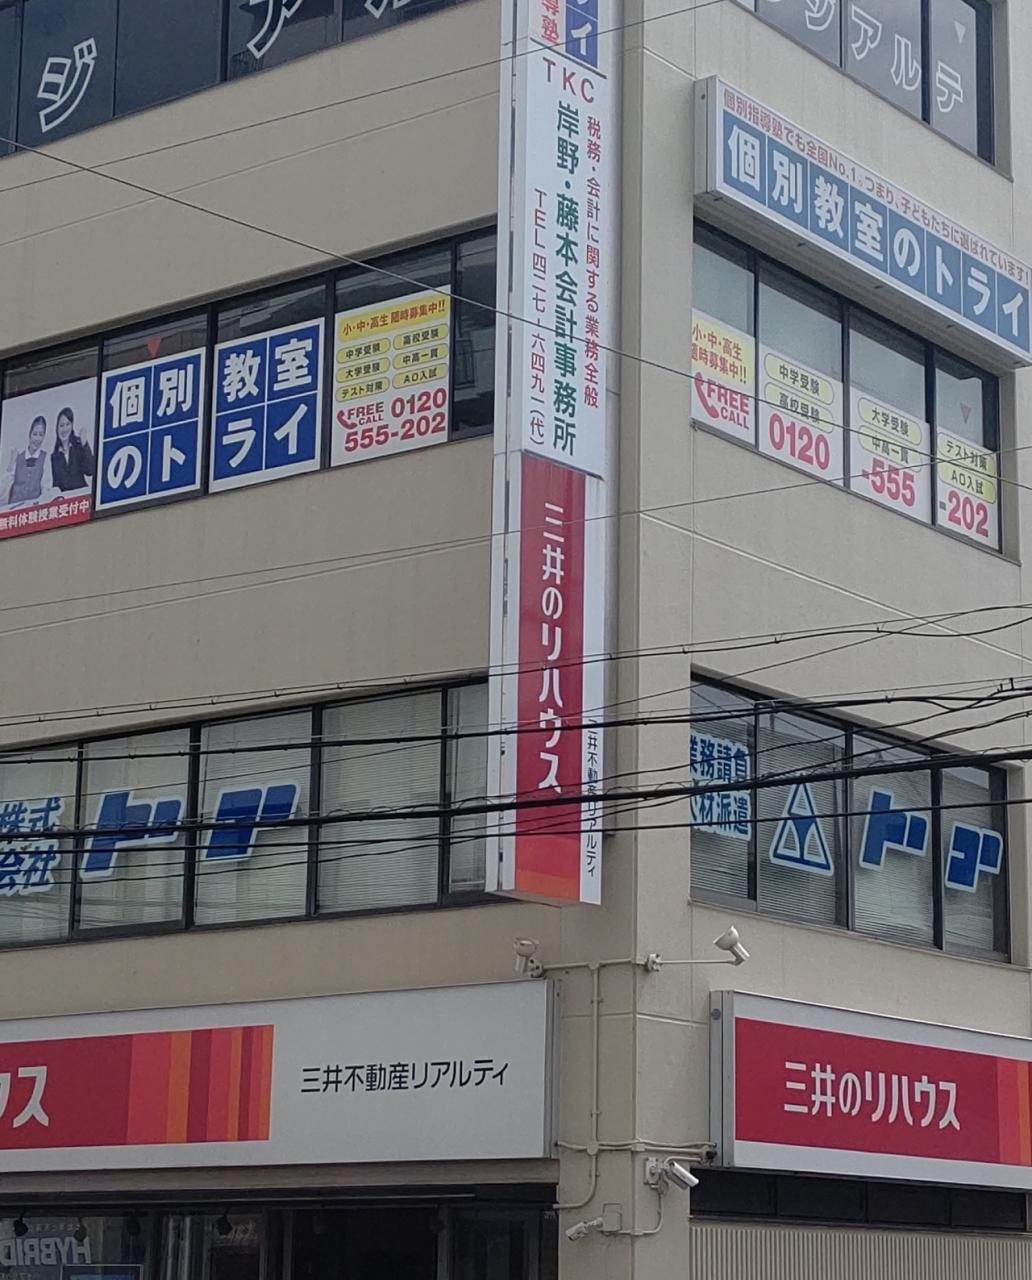 個別指導 トライ 武田塾 塚口駅 尼崎市 受験勉強